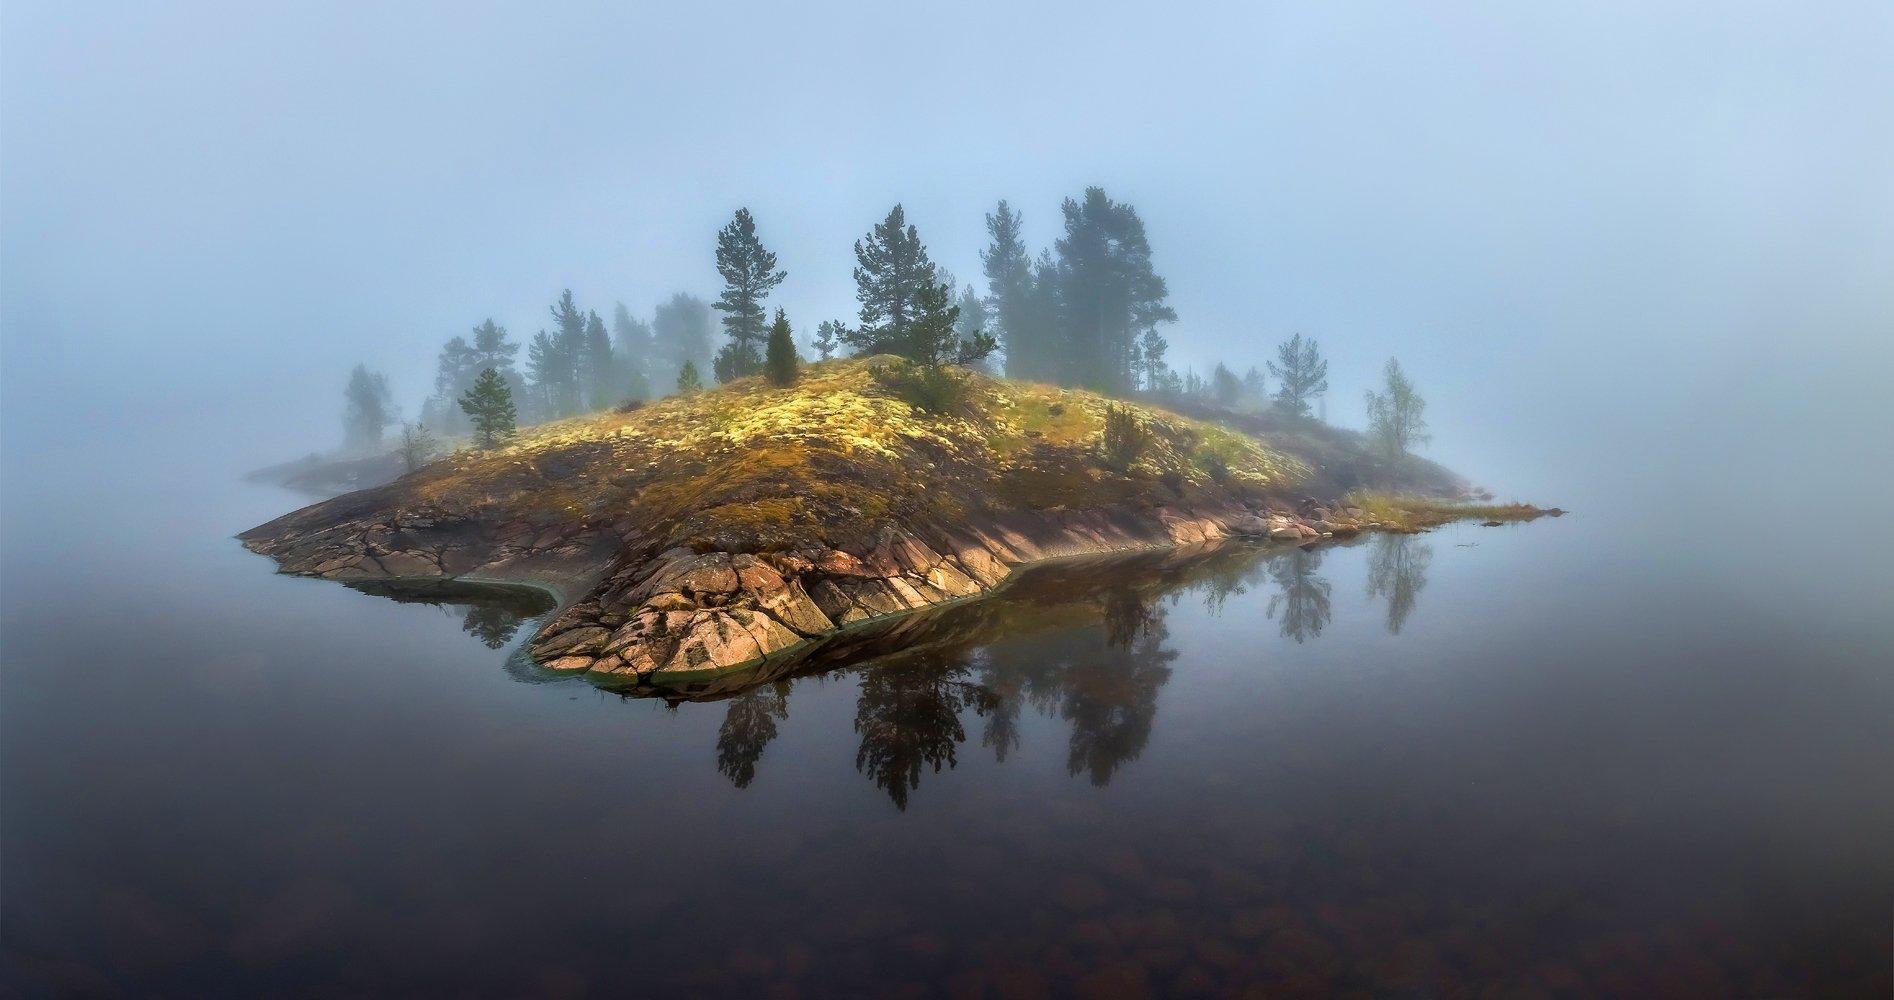 ладожское озеро, карелия, шхеры, лето, туман, скалы, лес, сосны, берег, фототур, остров, камни, путешествие, плавание, вода, отражение, солнце, Лашков Фёдор